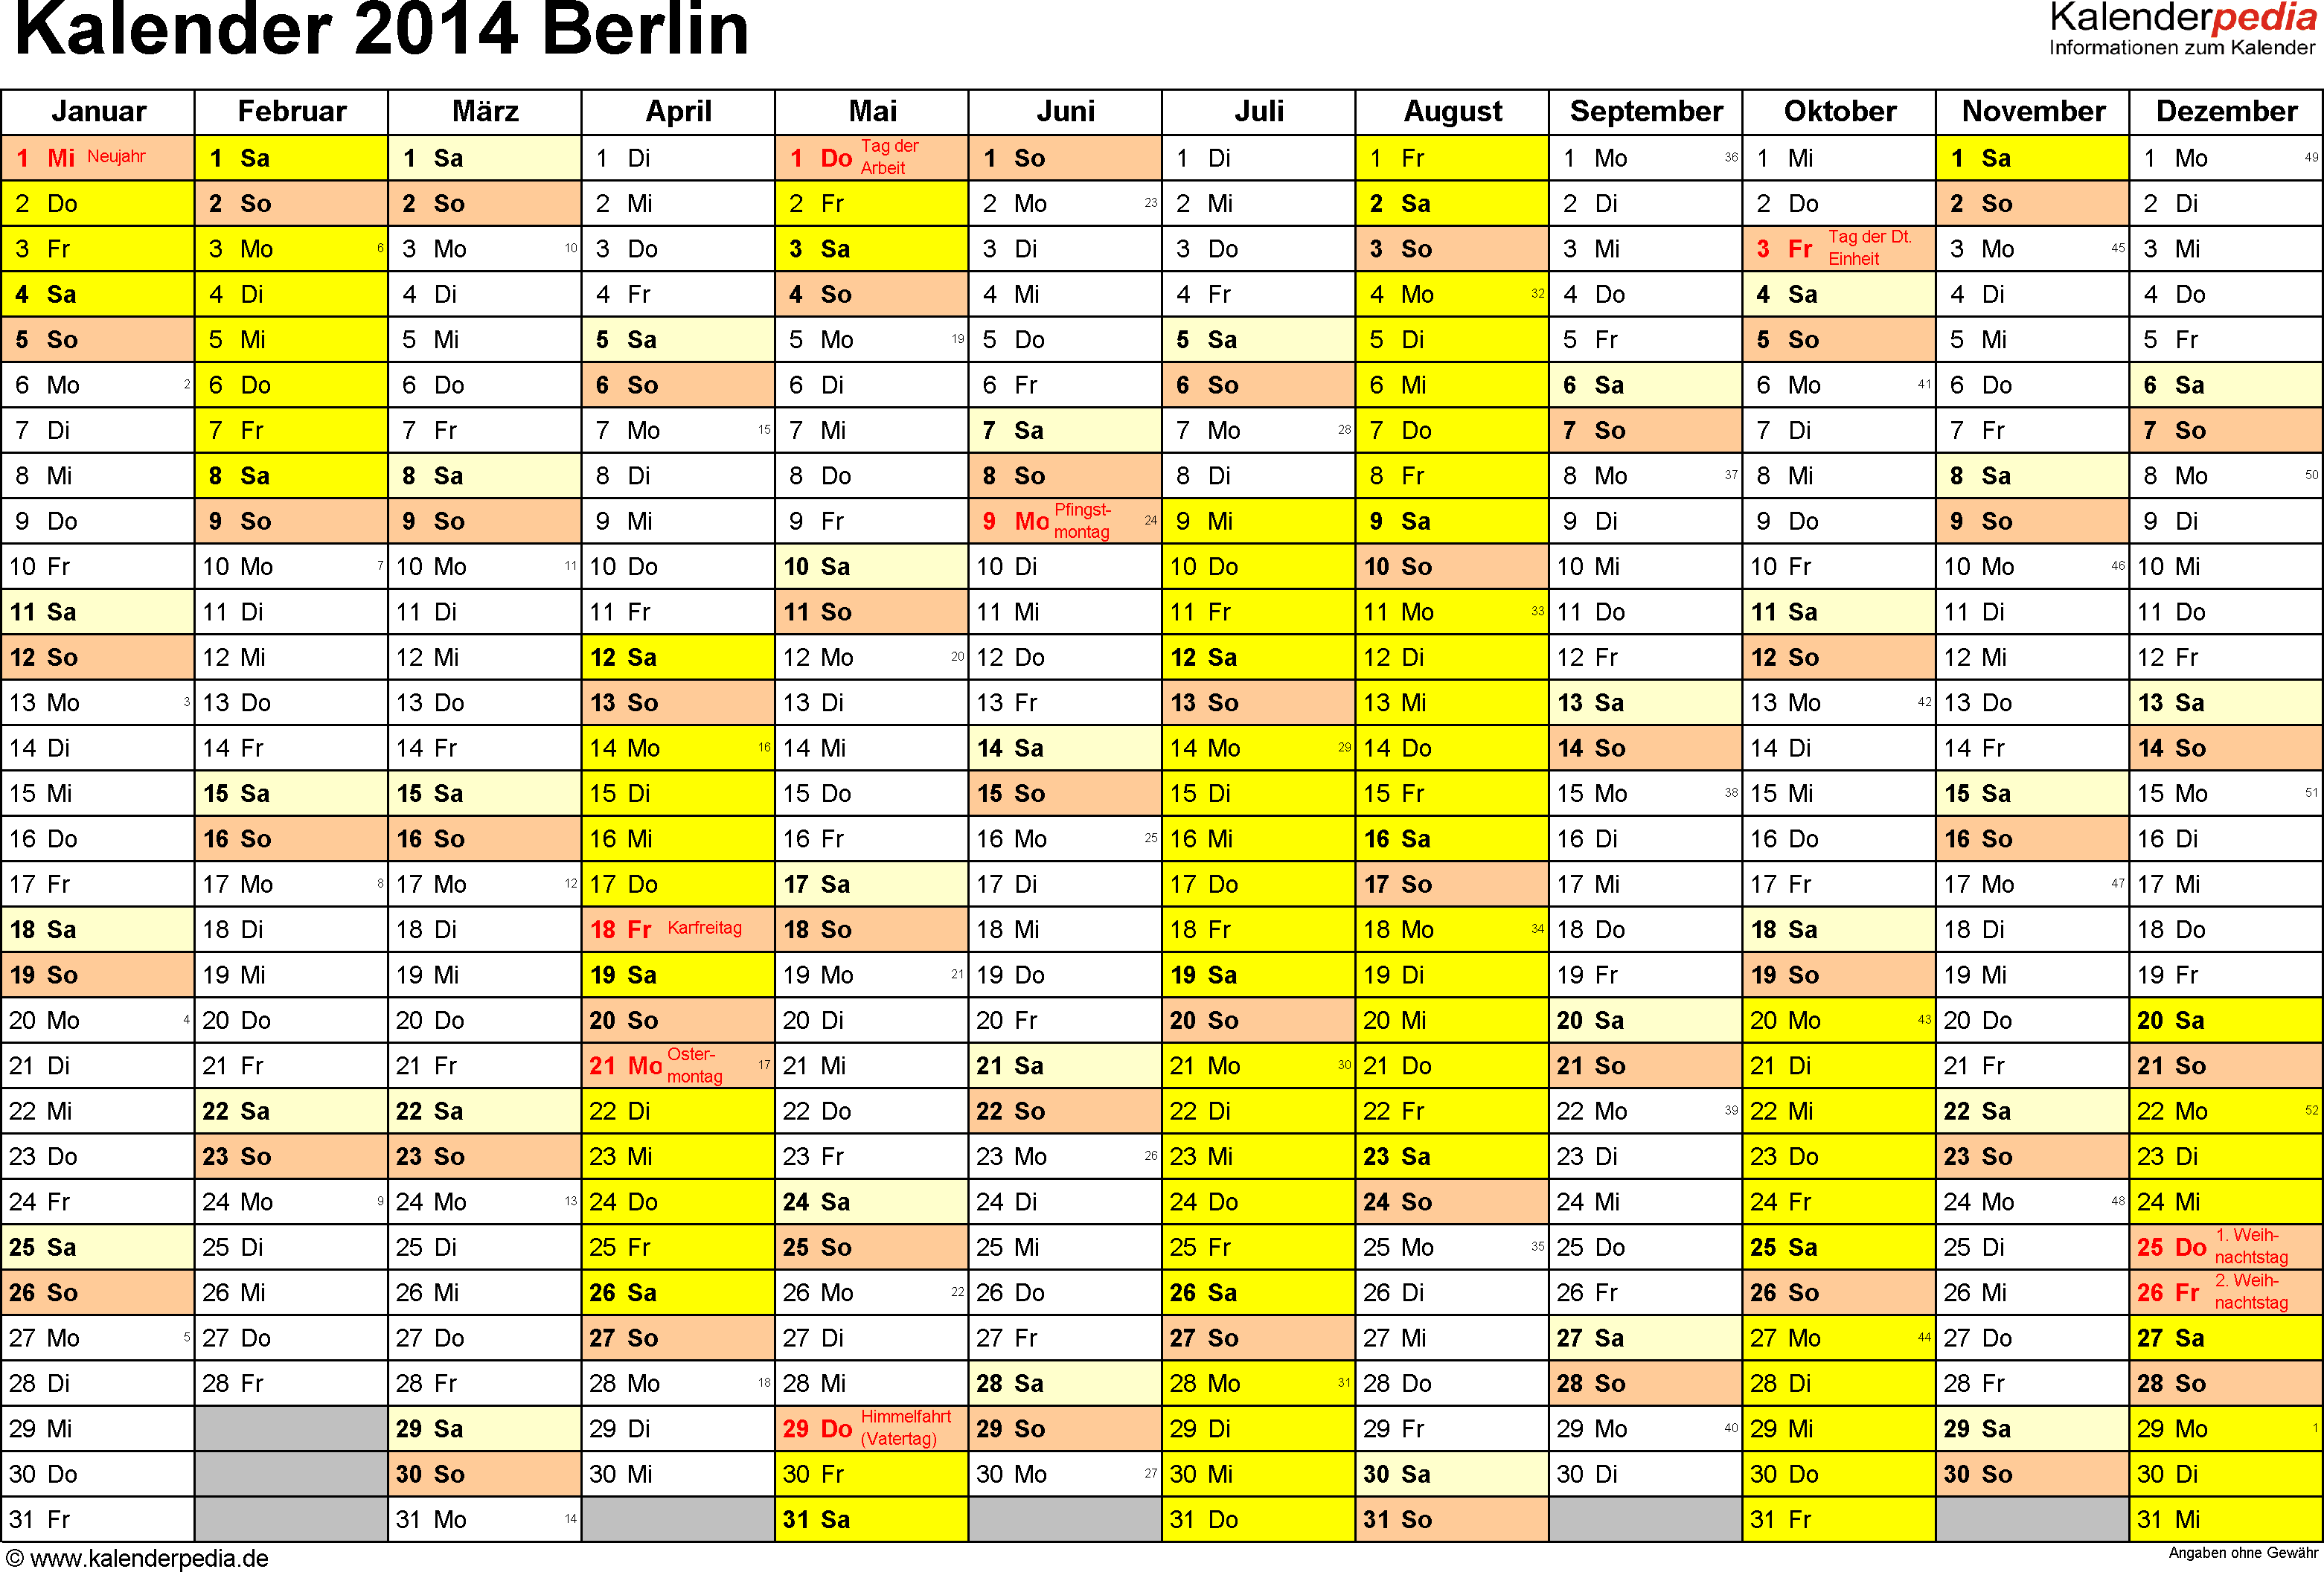 Vorlage 1: Kalender 2014 für Berlin als Excel-Vorlage (Querformat, 1 Seite)